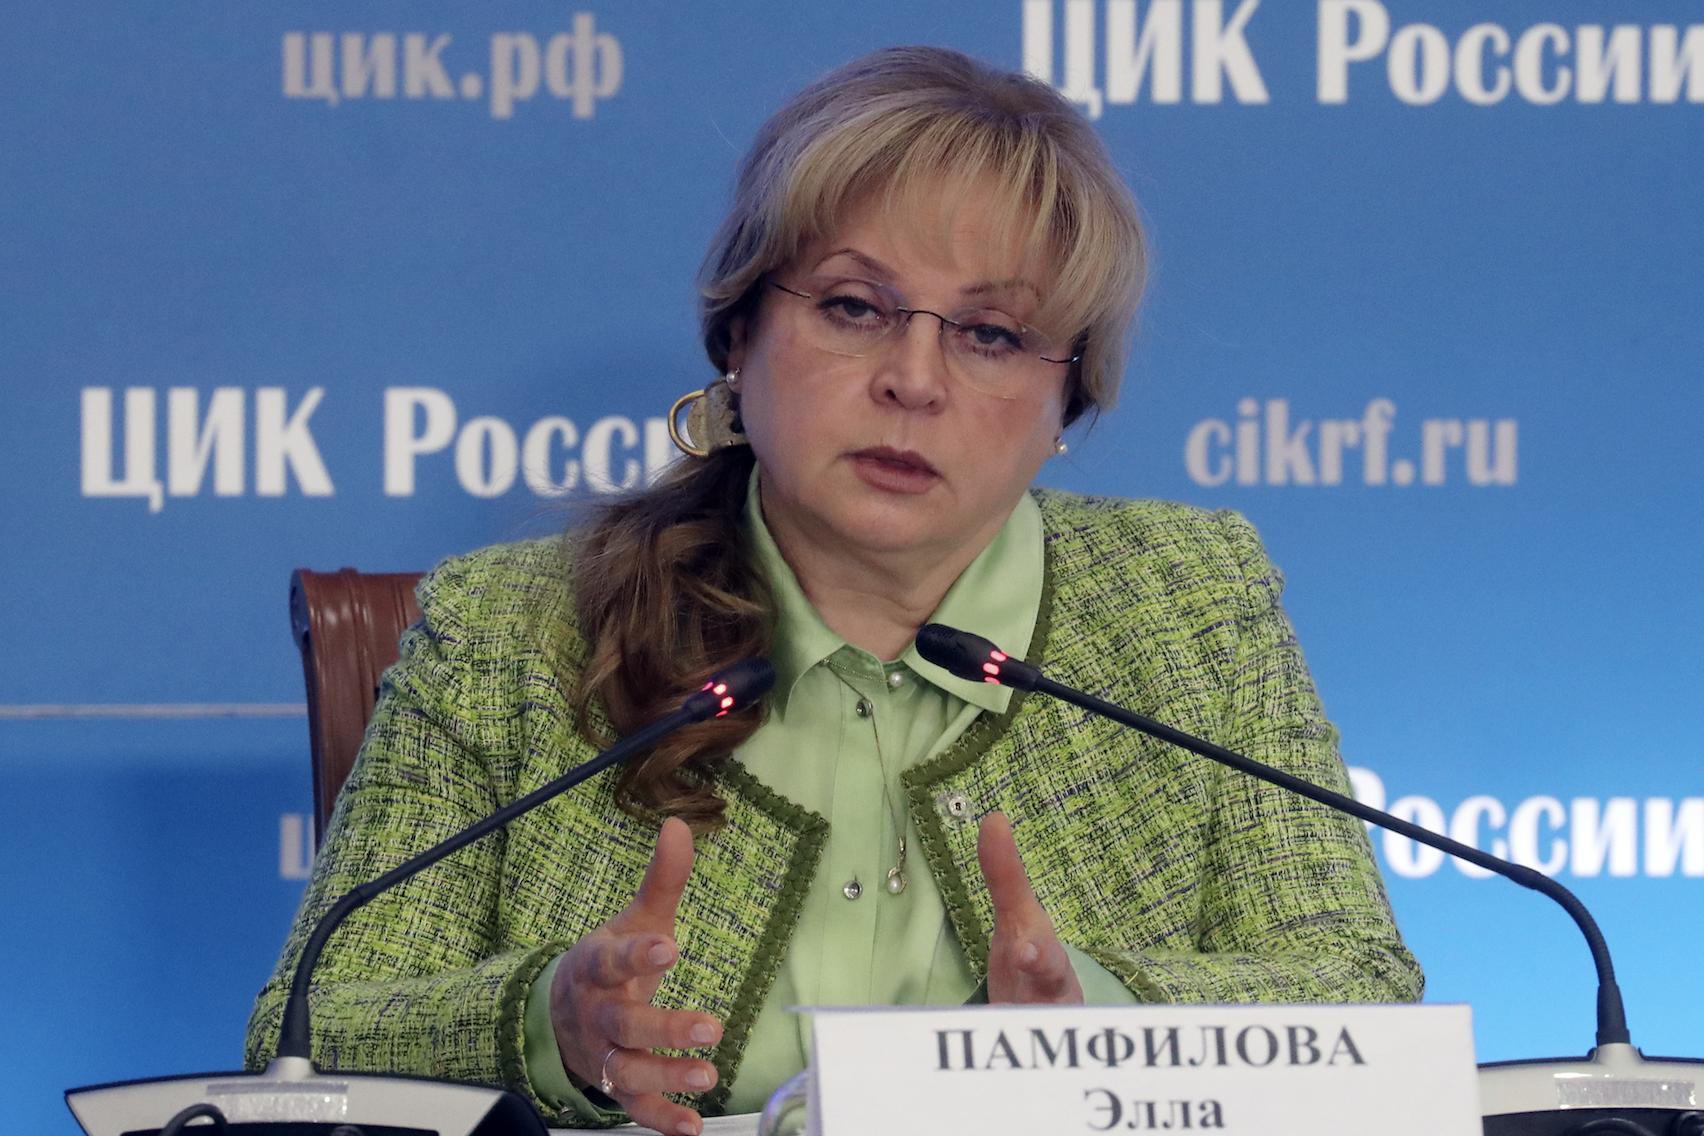 Памфилова ответила на высказывание Жириновского о женщинах в политике